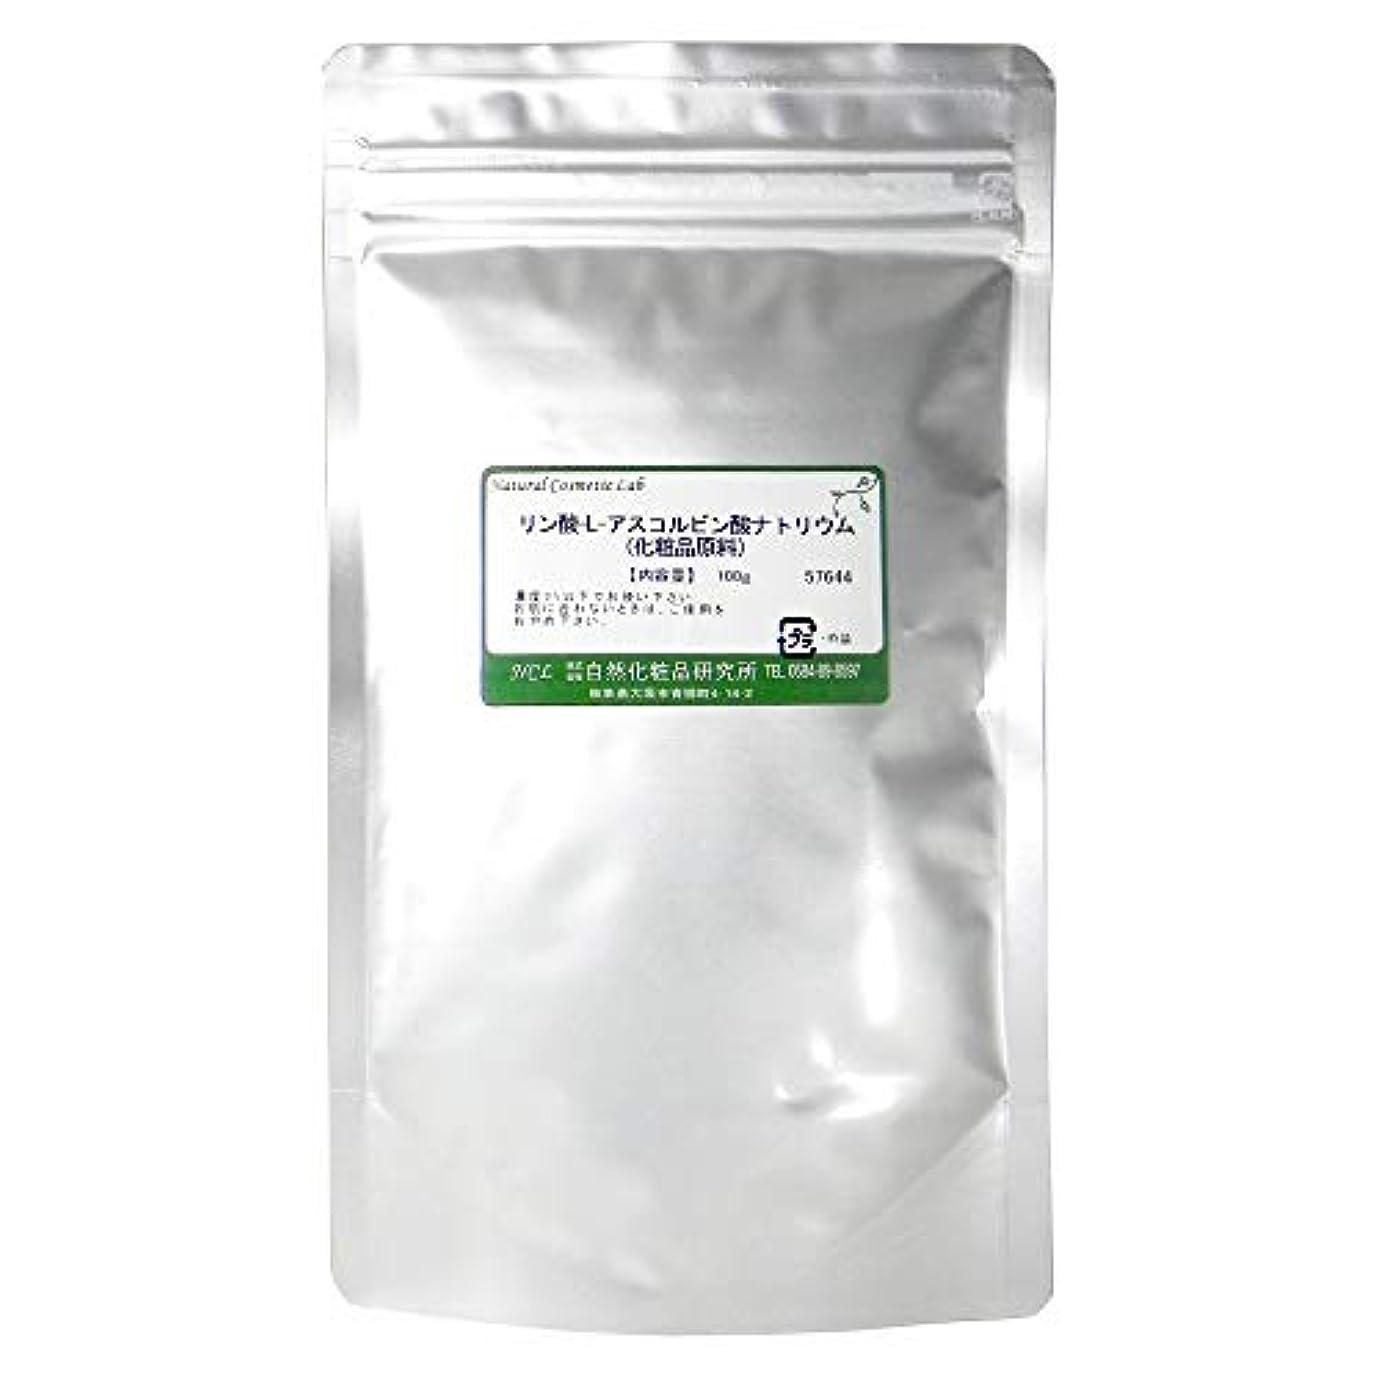 時代遅れどう?ラボビタミンC誘導体 リン酸-L-アスコルビン酸ナトリウム 化粧品原料 100g